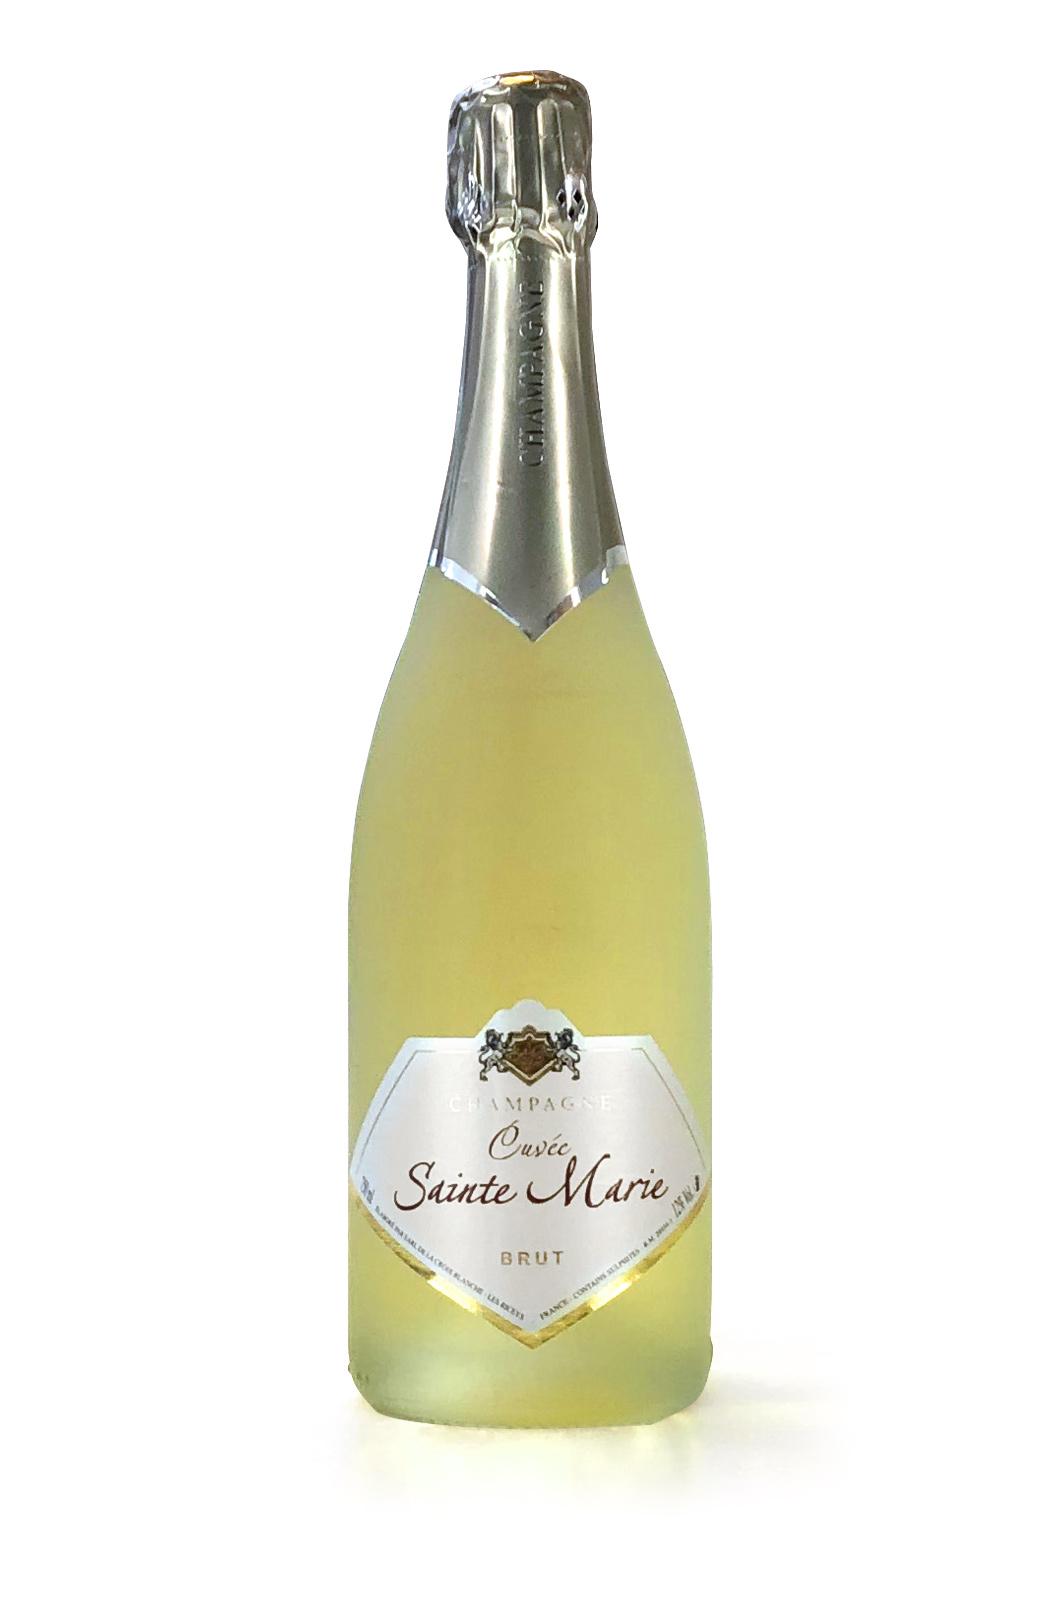 16-pelissot-champagne-brut-cuvee-sainte-marie-vins-et-spiritueux